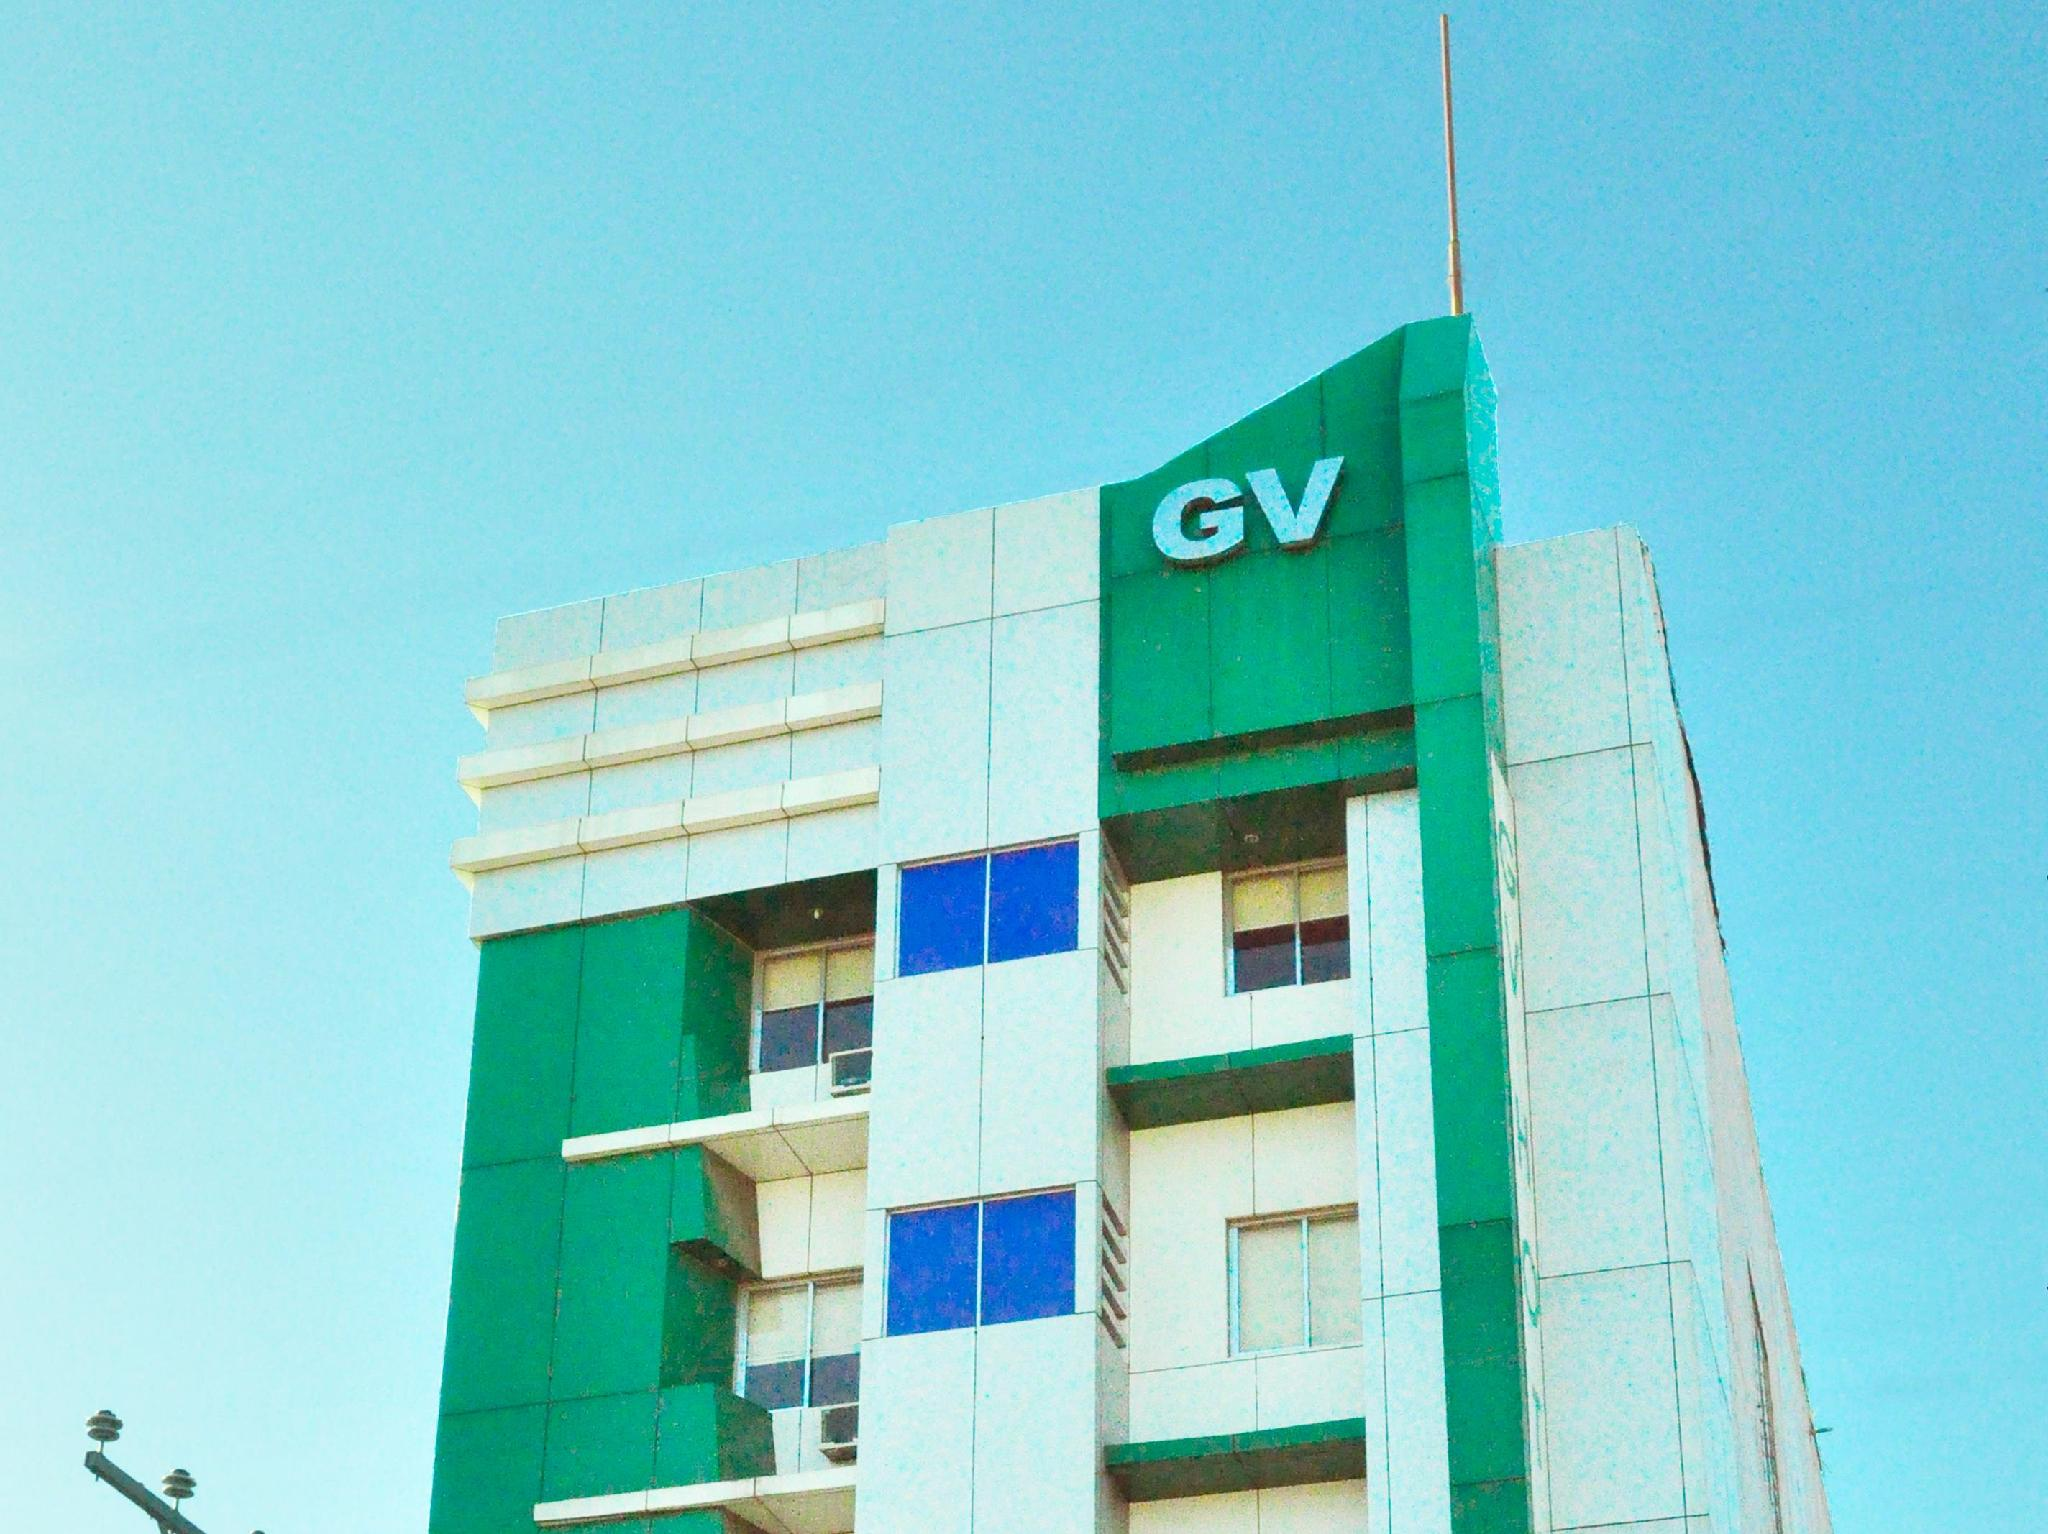 GV Hotel Talisay Cebu, Talisay City